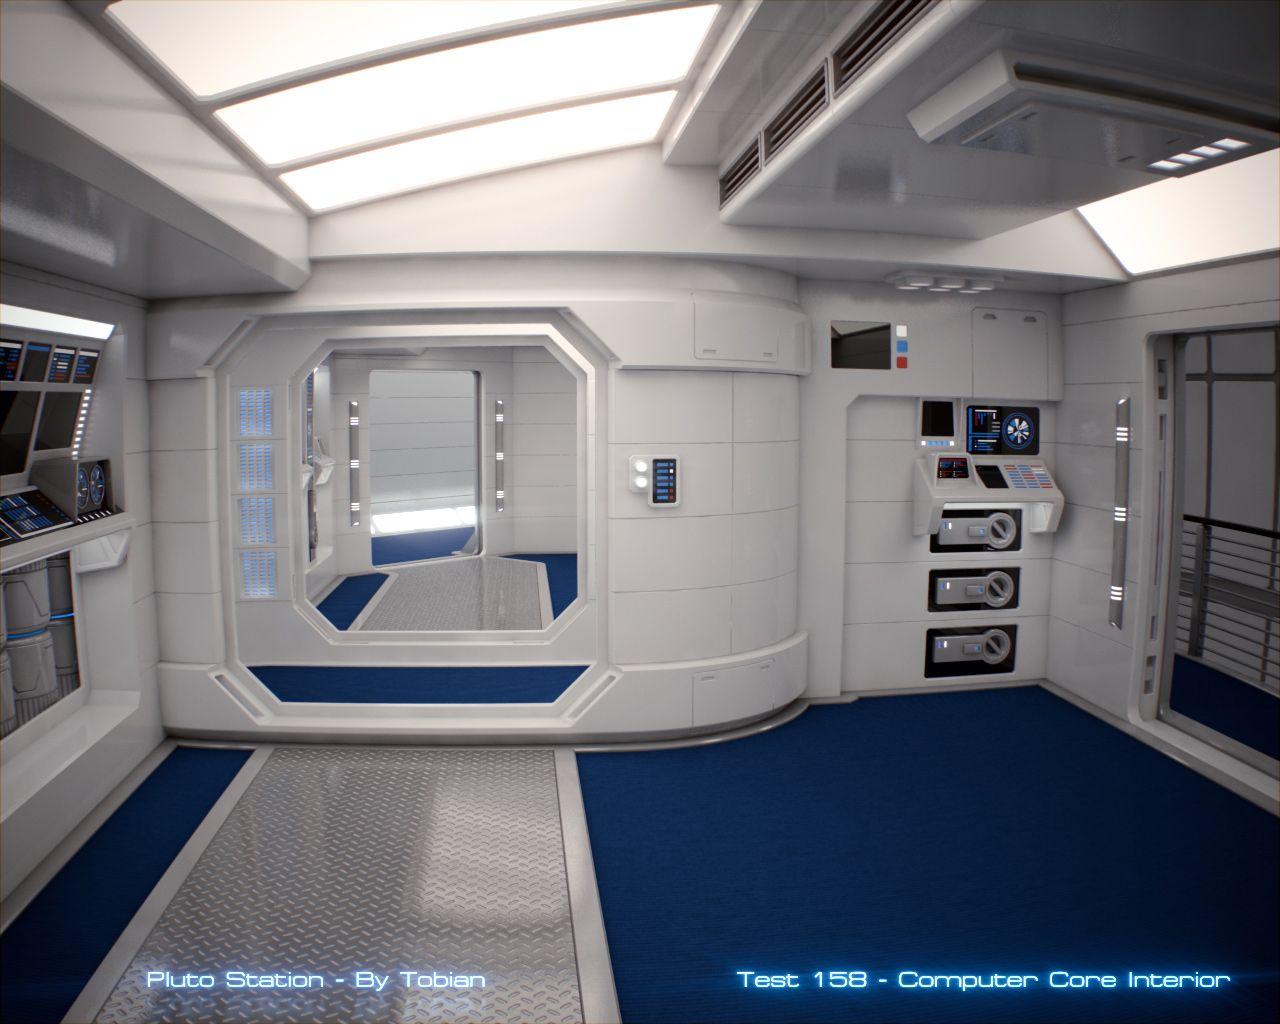 Sci fi clean room sci fi spaceship interior for Sci fi decor